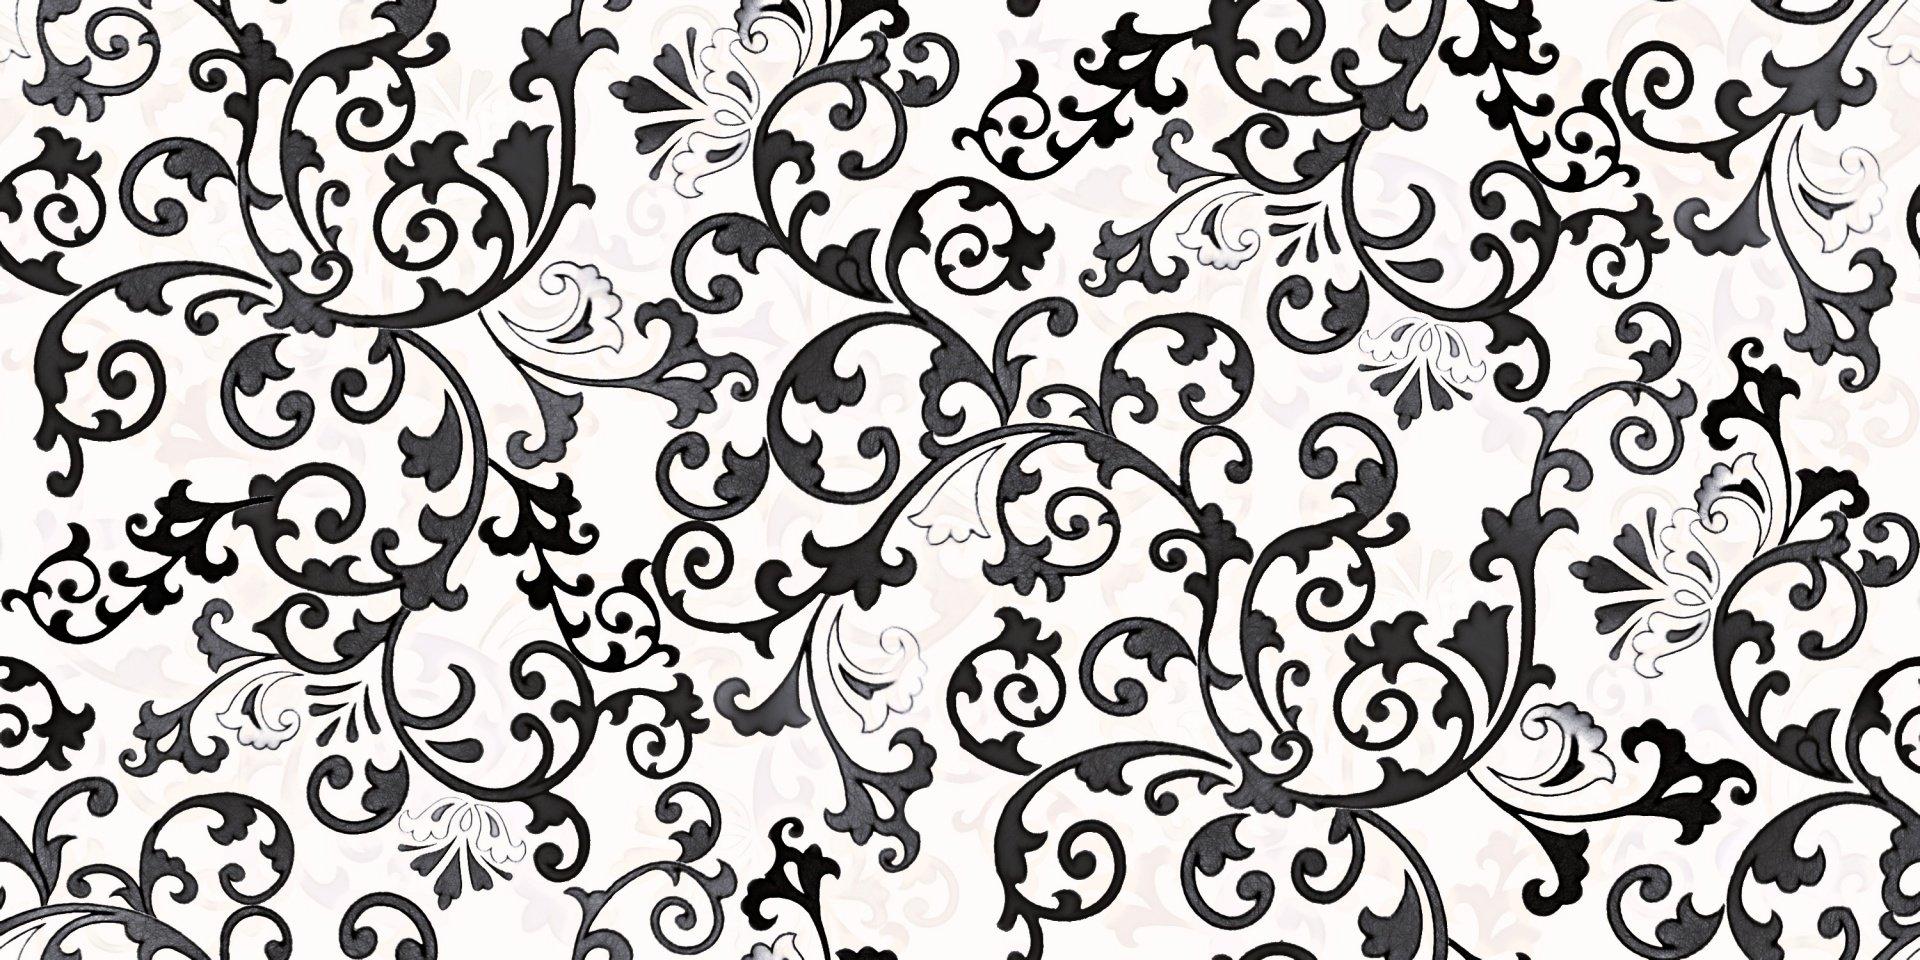 форменках обои на белом фоне черные узоры олигарха сосина удалила